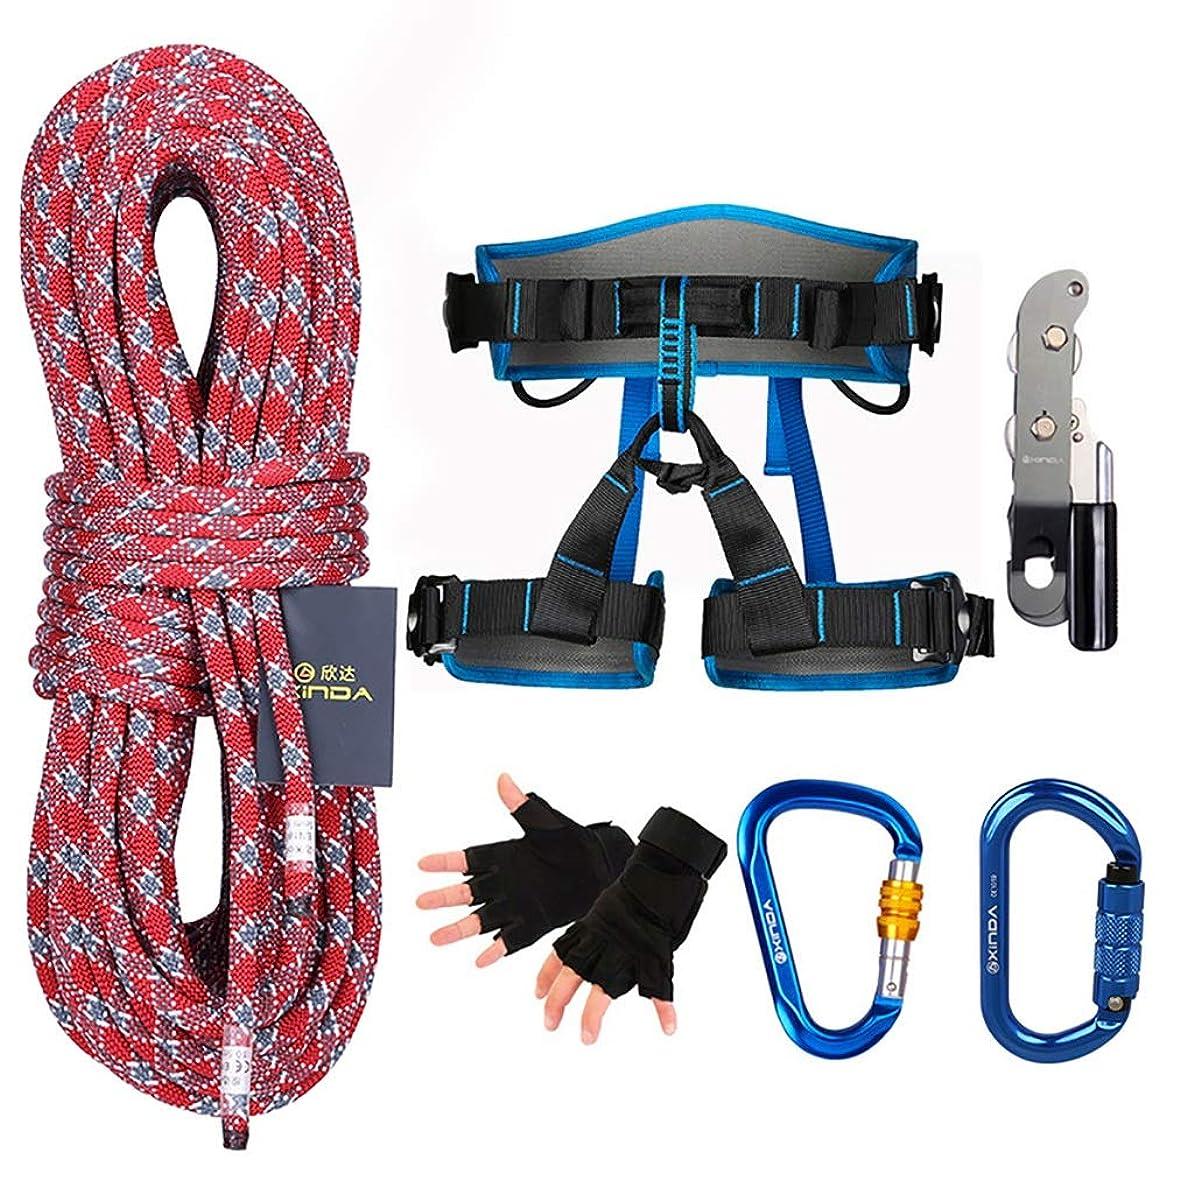 帽子災害ピニオンアウトドア登山クライミングスピードドロップセットハイエアージョブ保護セットロックキャッチスピードドロップロープシートベルトディセンダー